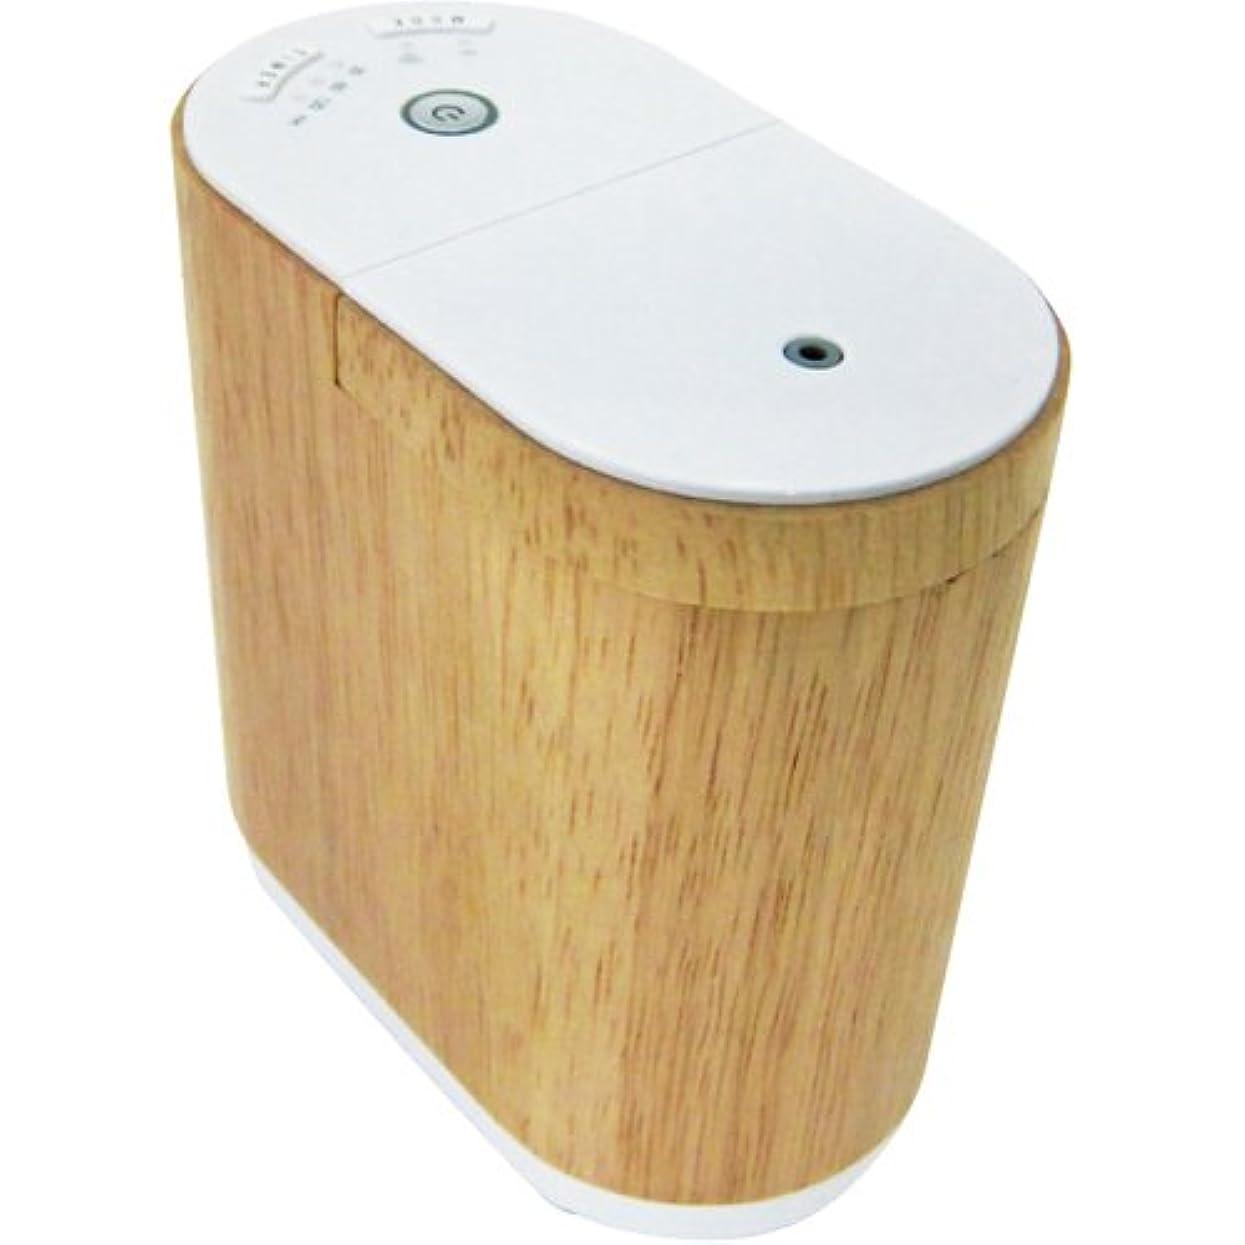 枯渇する一般化するマオリ生活の木 アロマディフューザー(ウッド)エッセンシャルオイルディフューザー aromore(アロモア) 08-801-6010